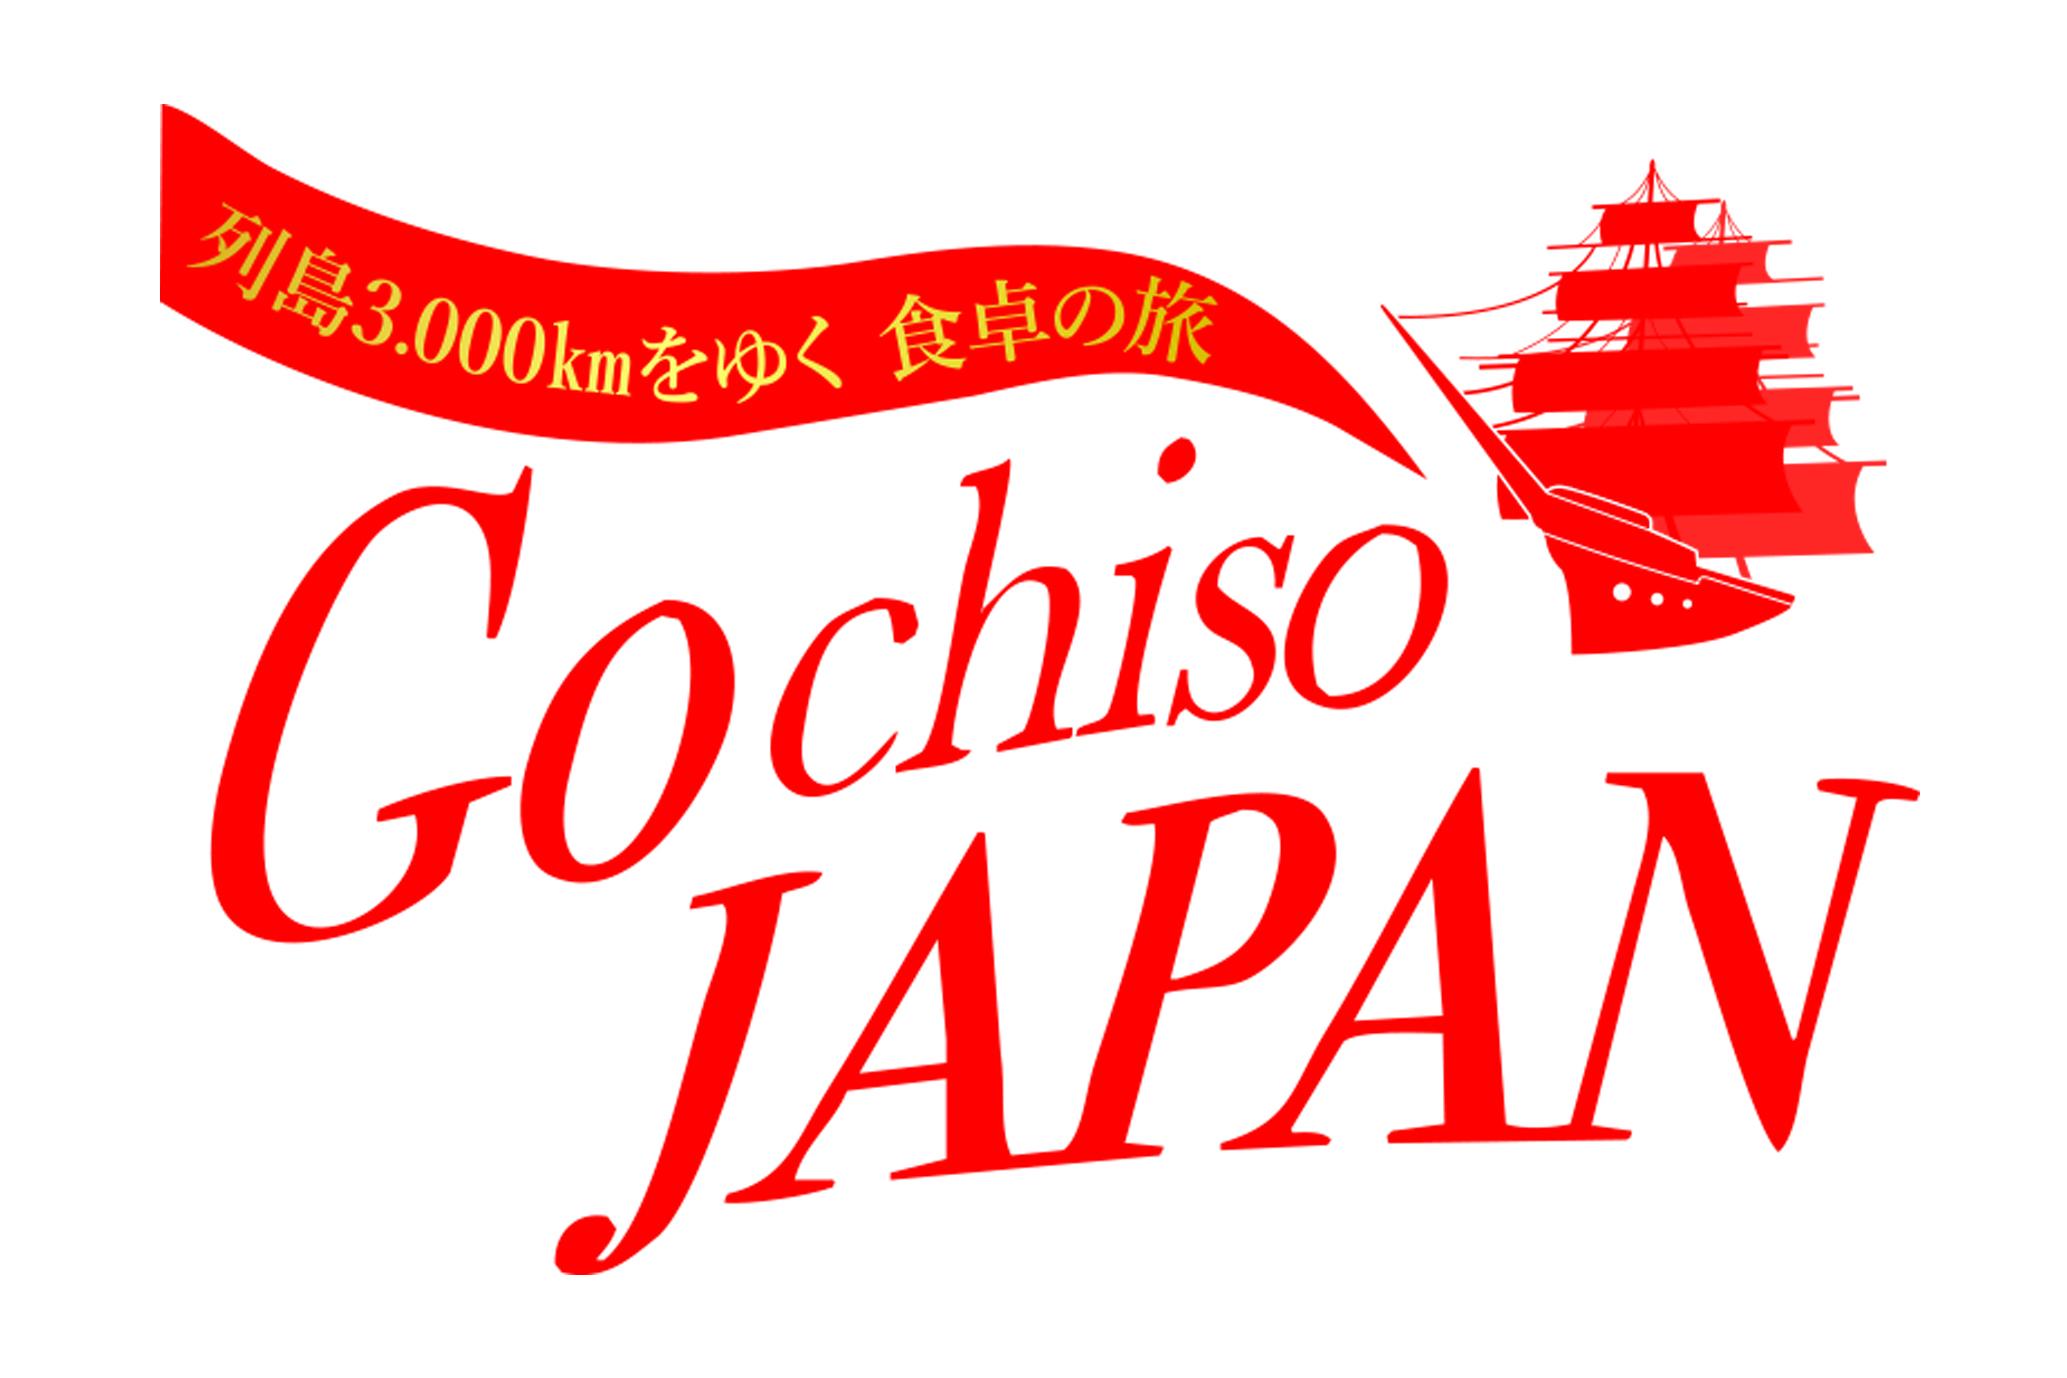 世界の海援隊ONLINE SHOP「Gochiso JAPAN」